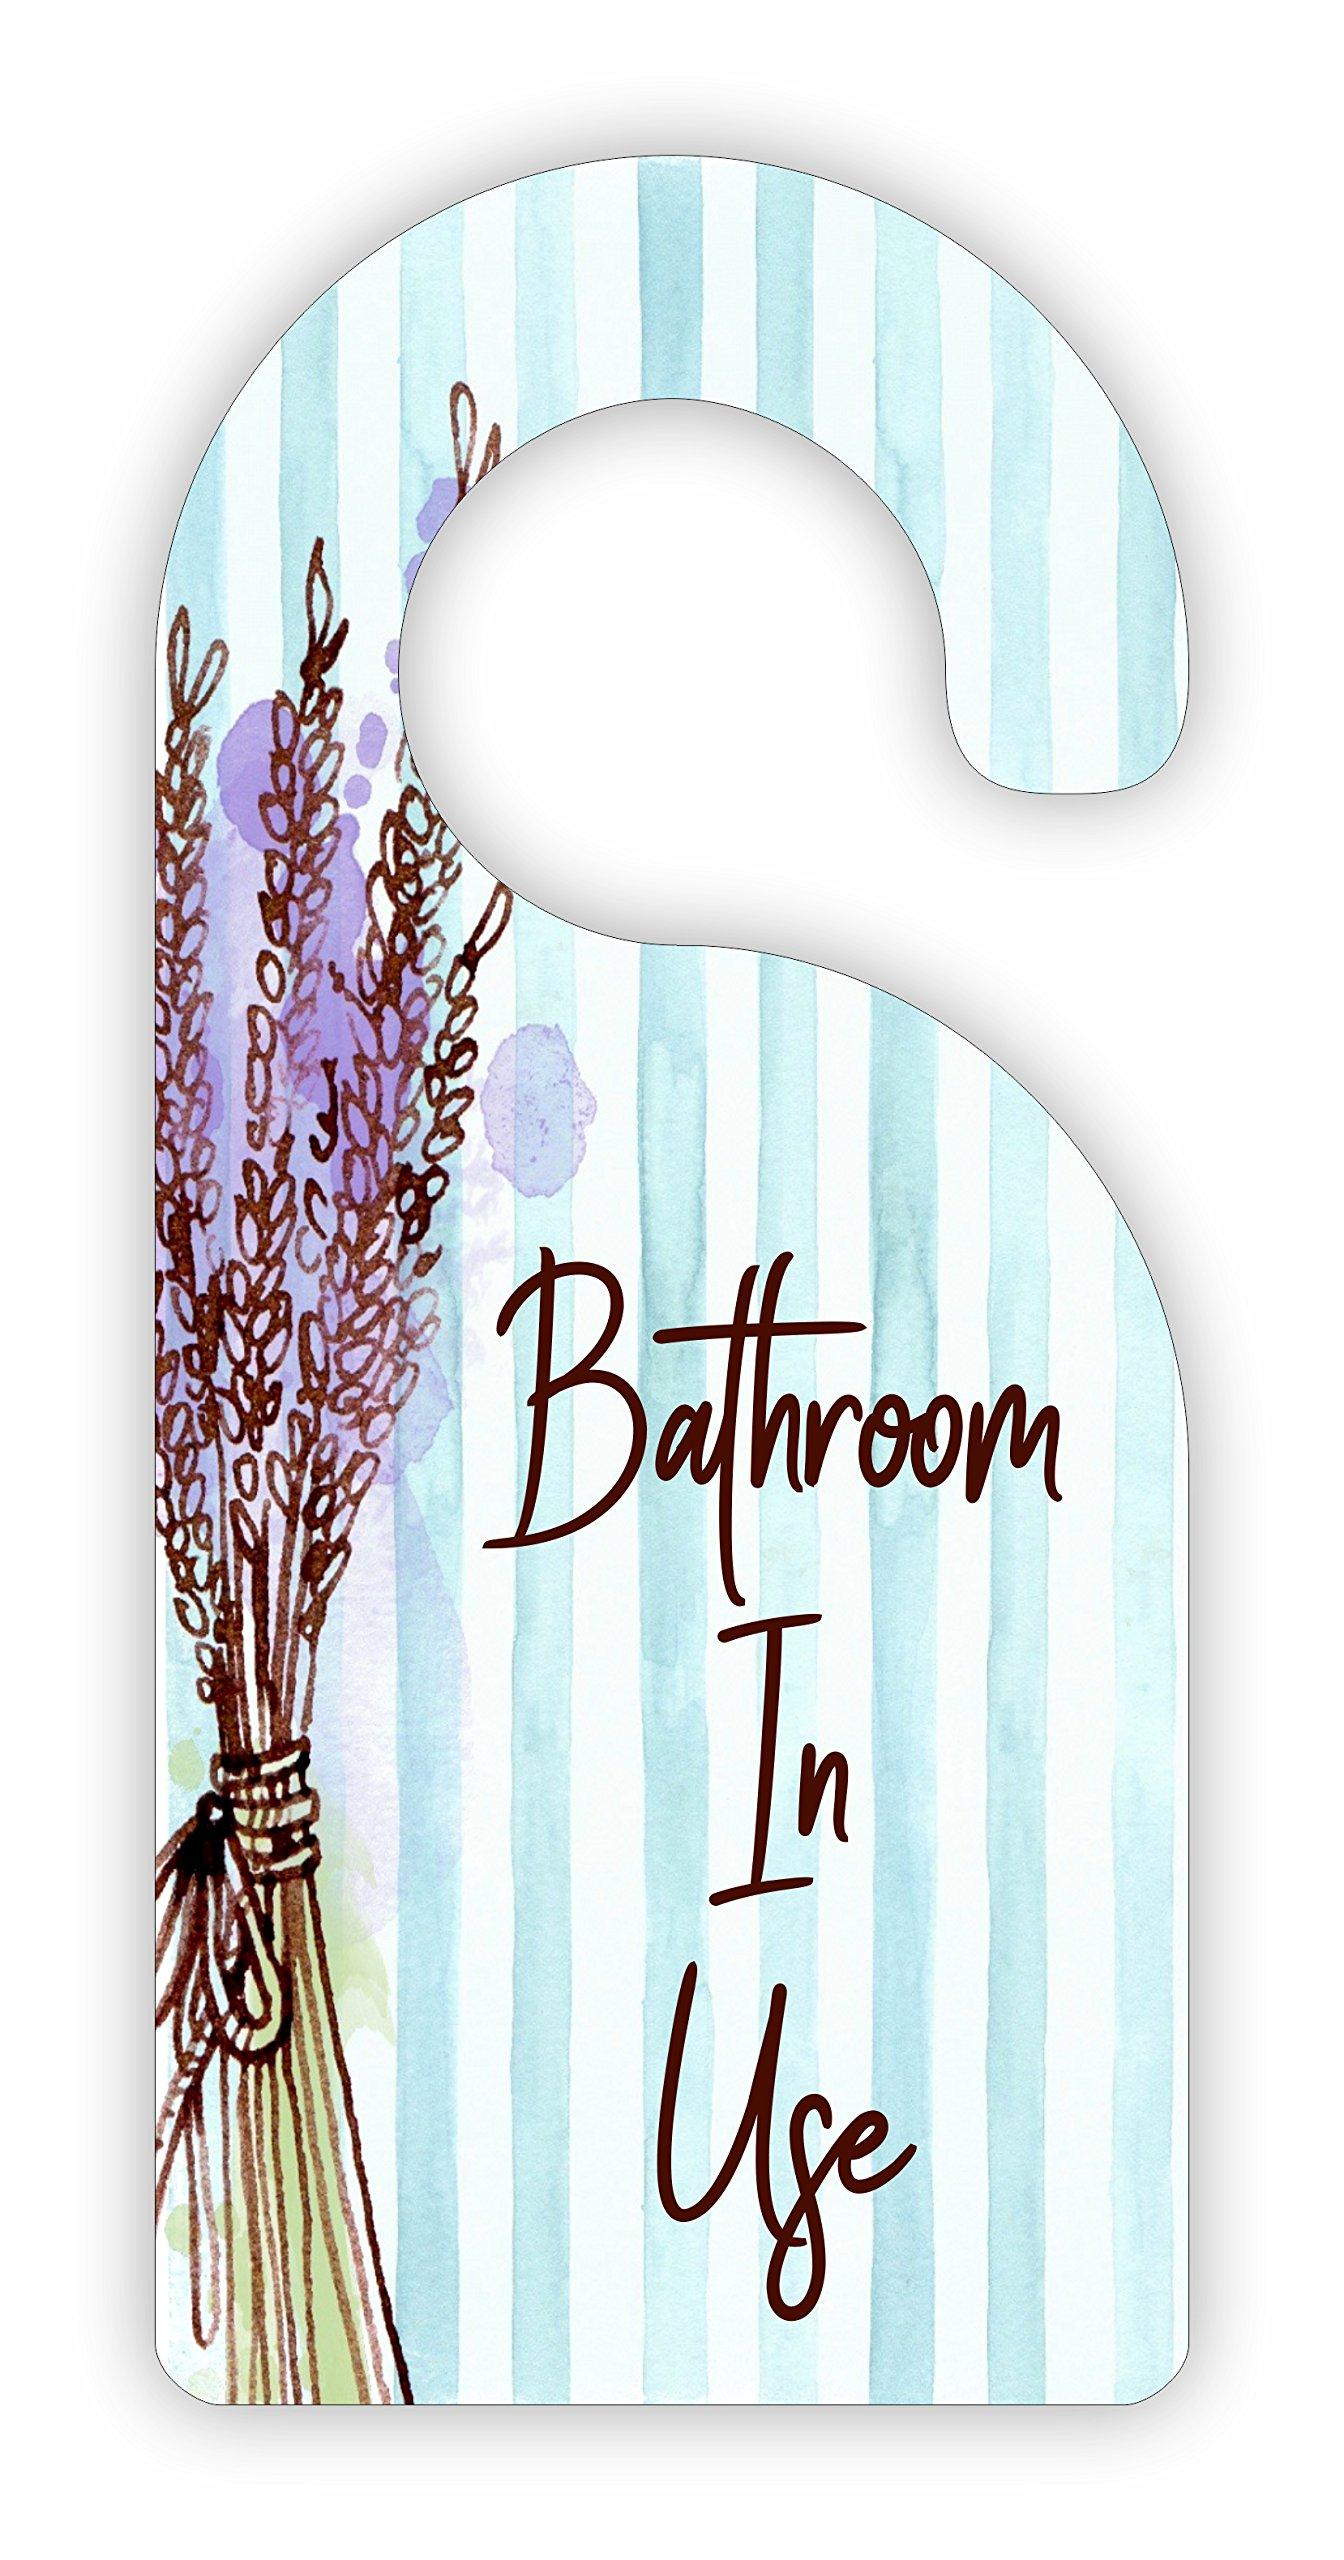 Bathroom in Use Room Door Sign Hanger - Hardboard - Glossy Finish